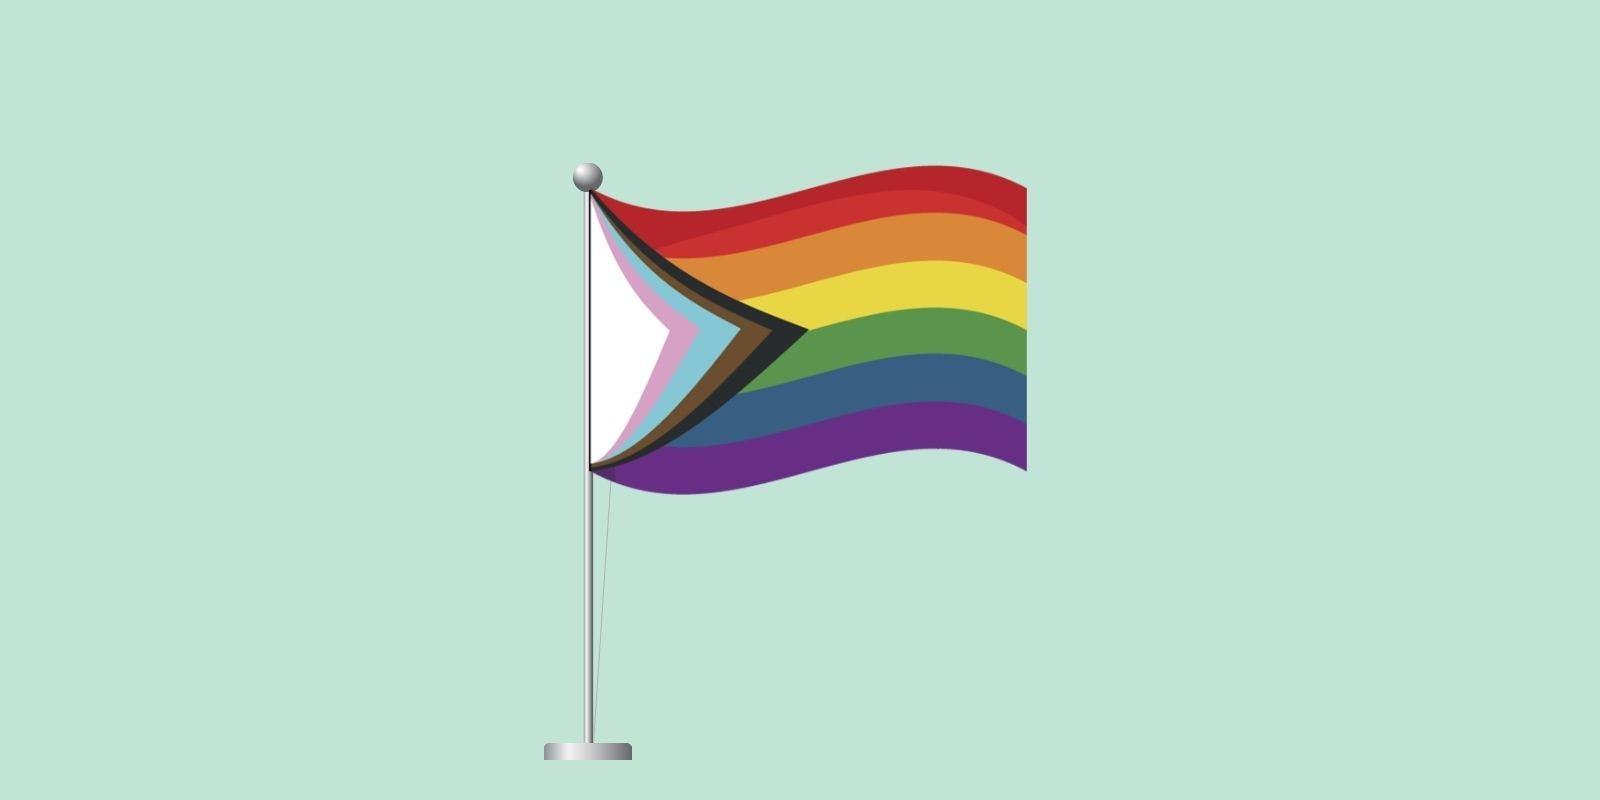 A Guide To LGBTQIA+ Terminology & Pronouns